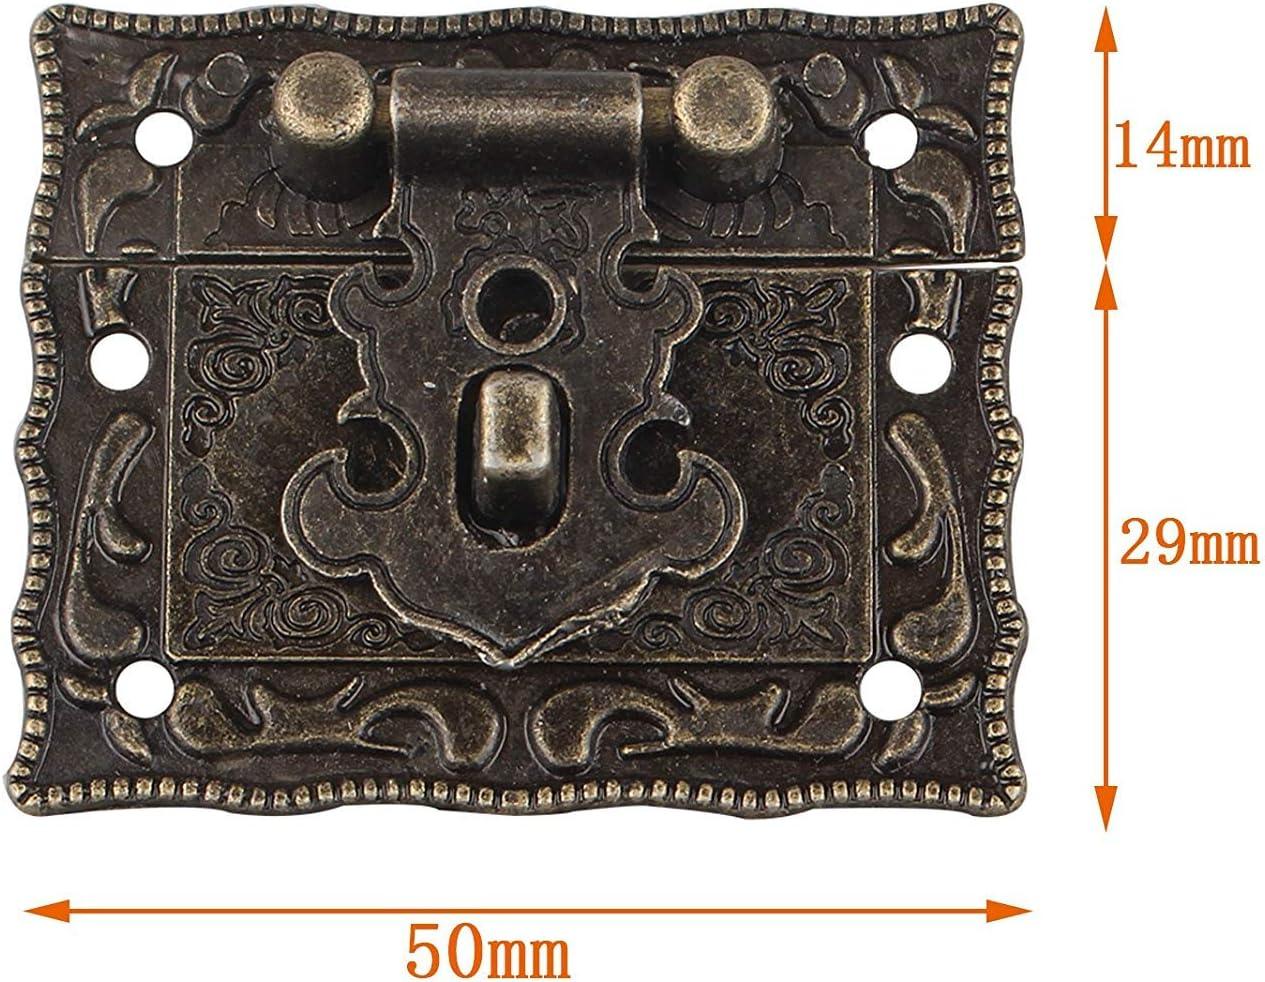 Loquet de bo/îte /à bijoux avec loquet et 2 charni/ères avec vis.